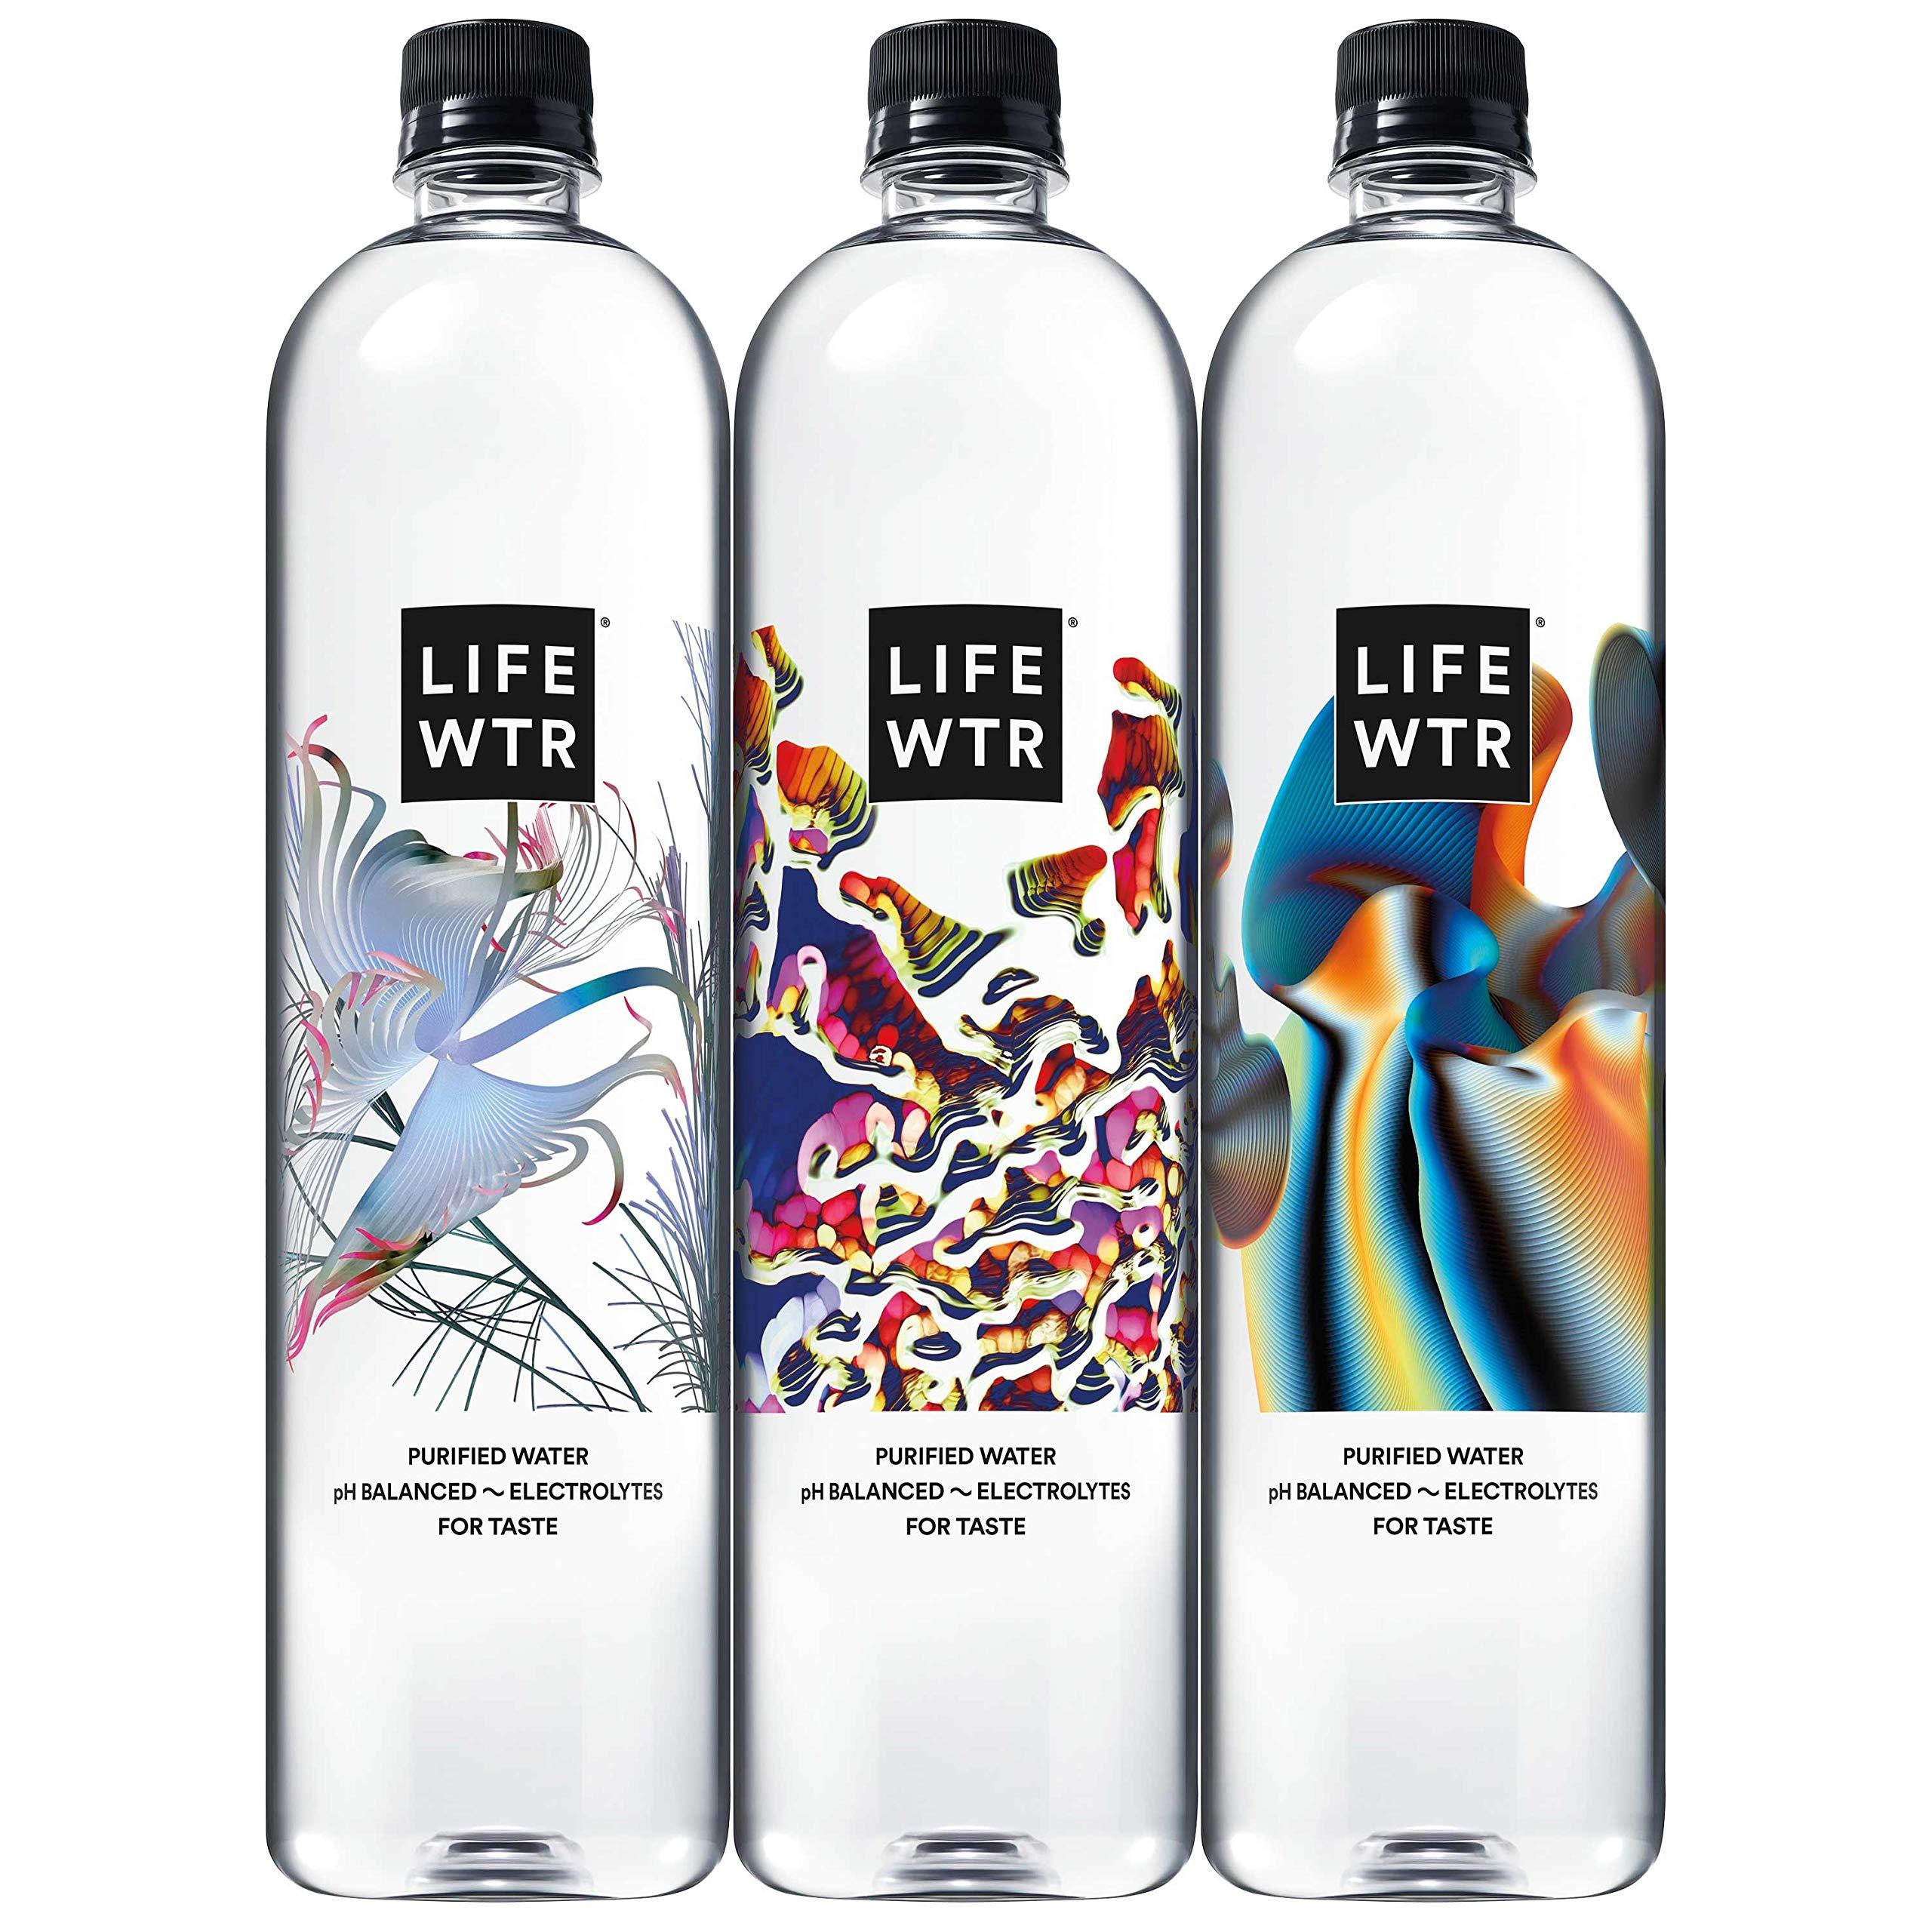 LIFEWTR, Premium Purified Water, pH Balanced with Electrolytes For Taste, 1 liter bottles